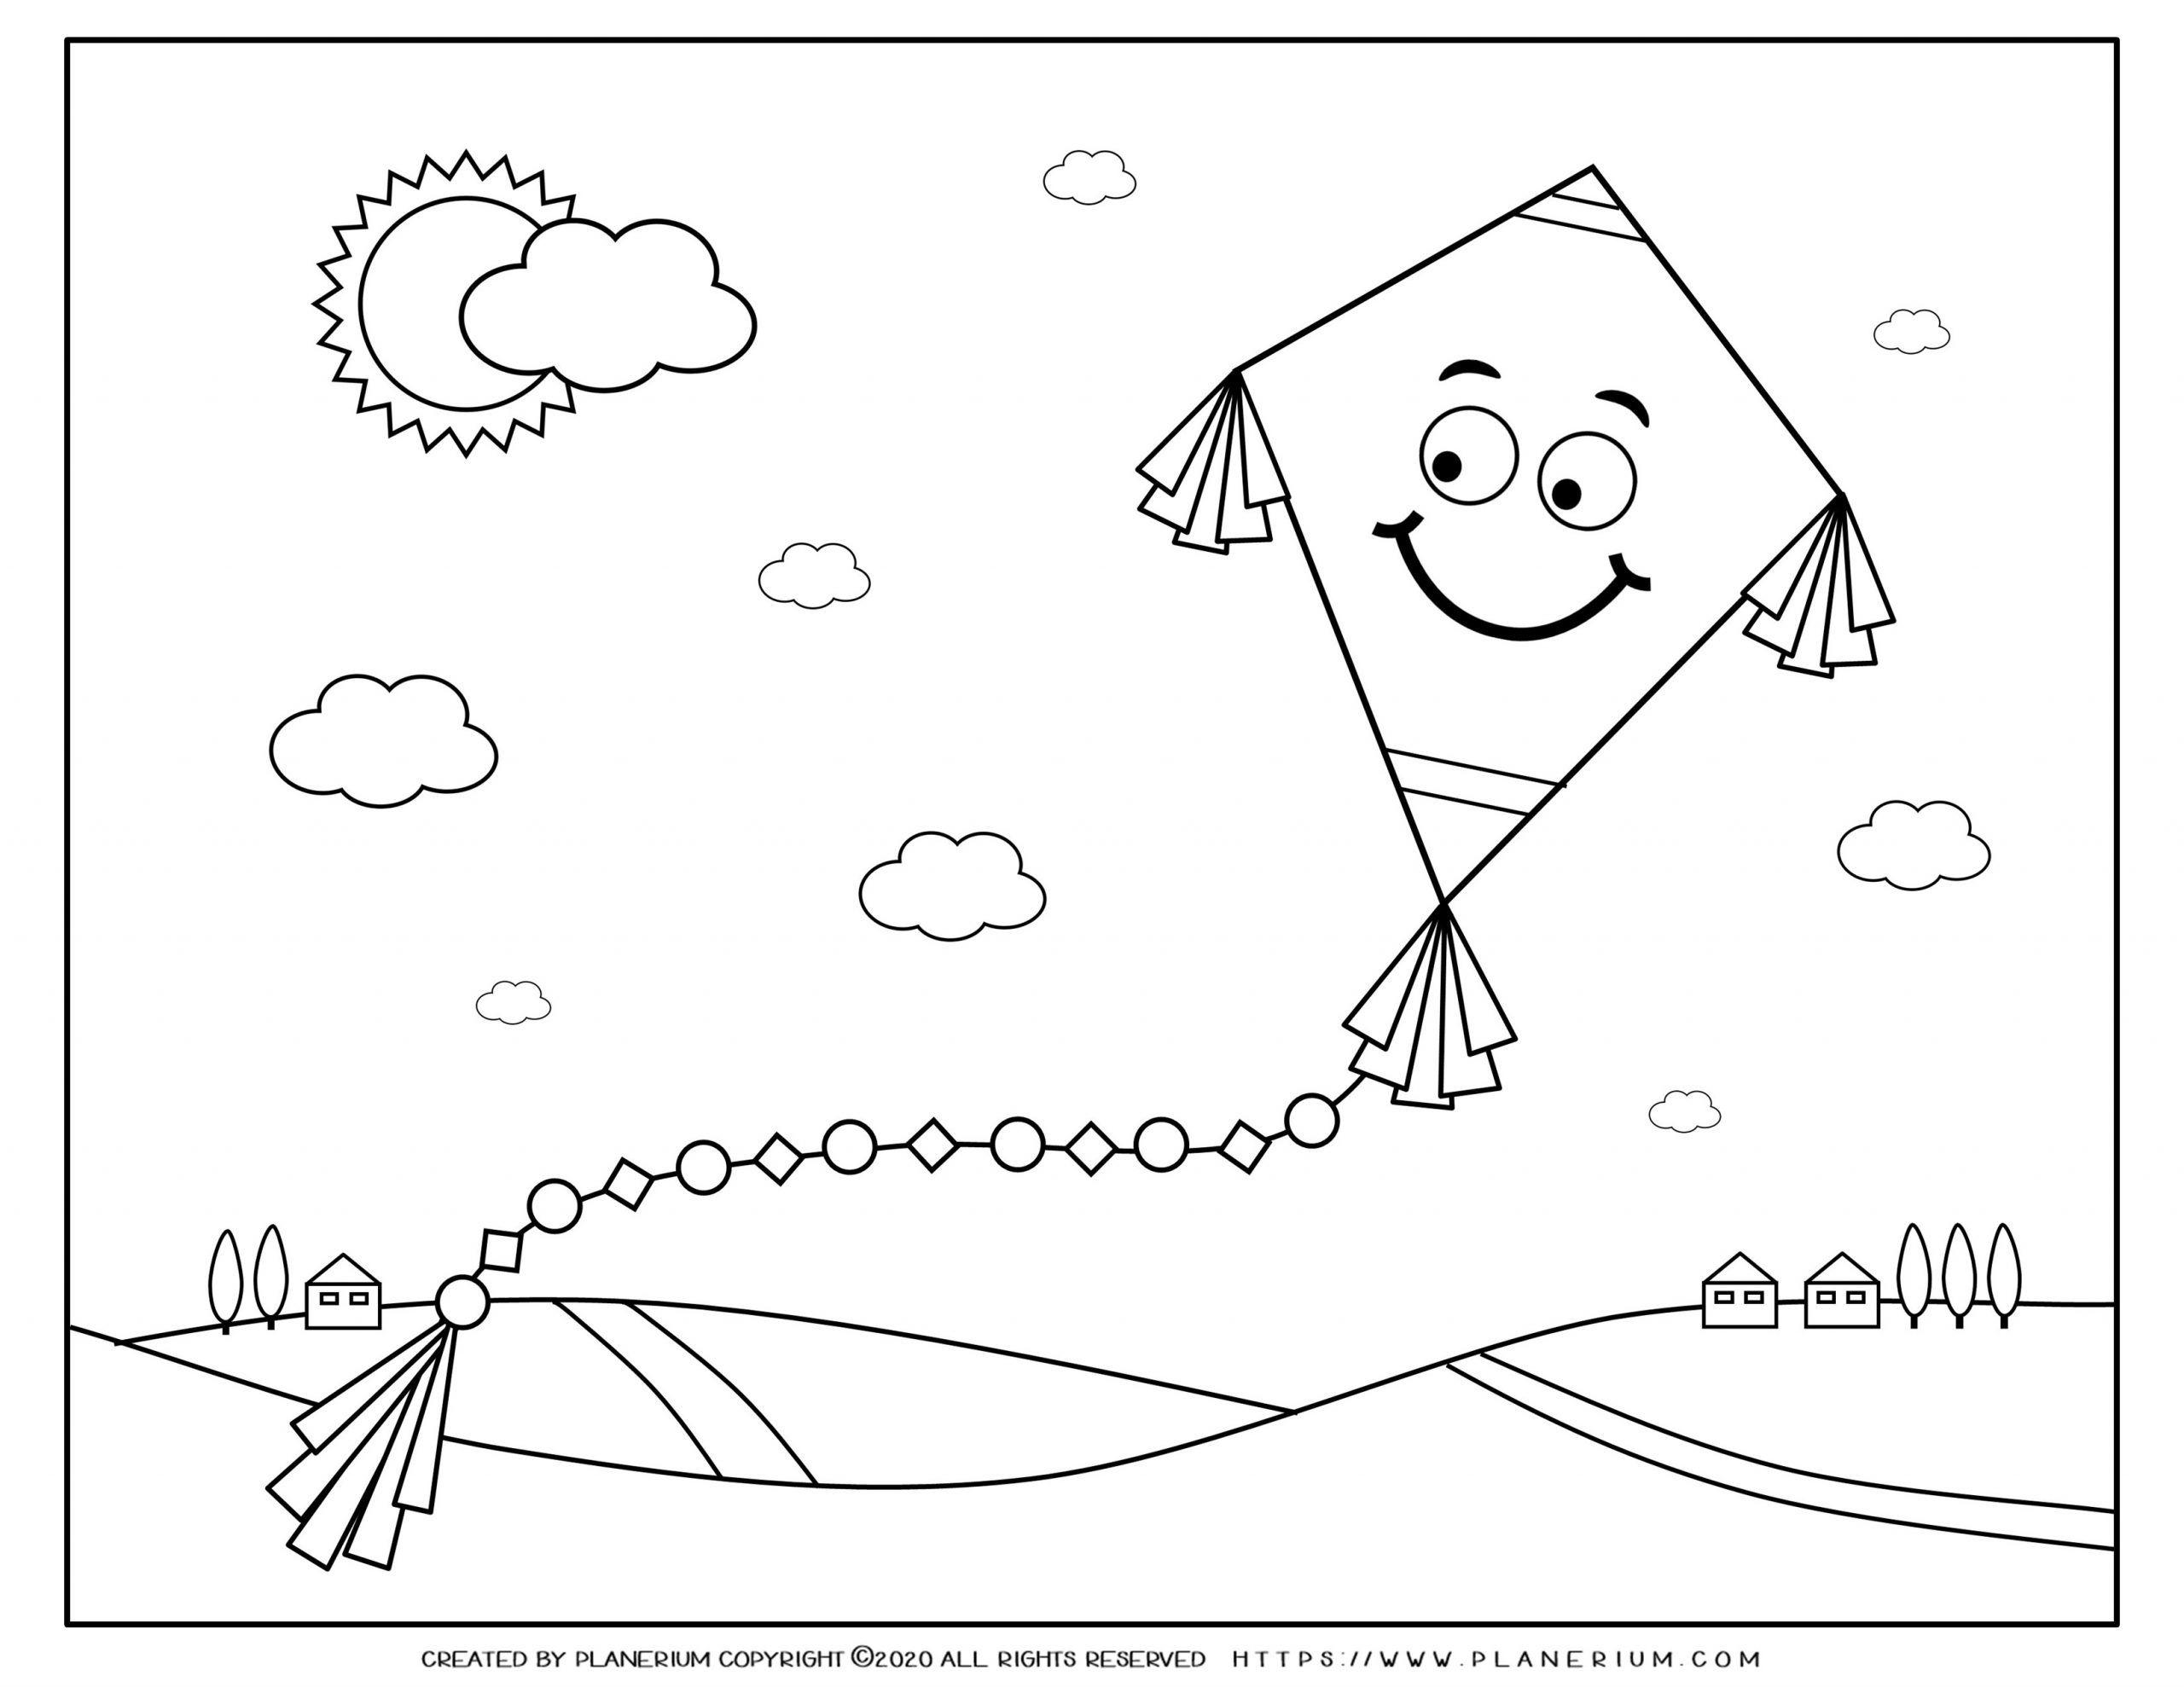 Spring - Coloring page - Smiling Kite - FREE | Planerium